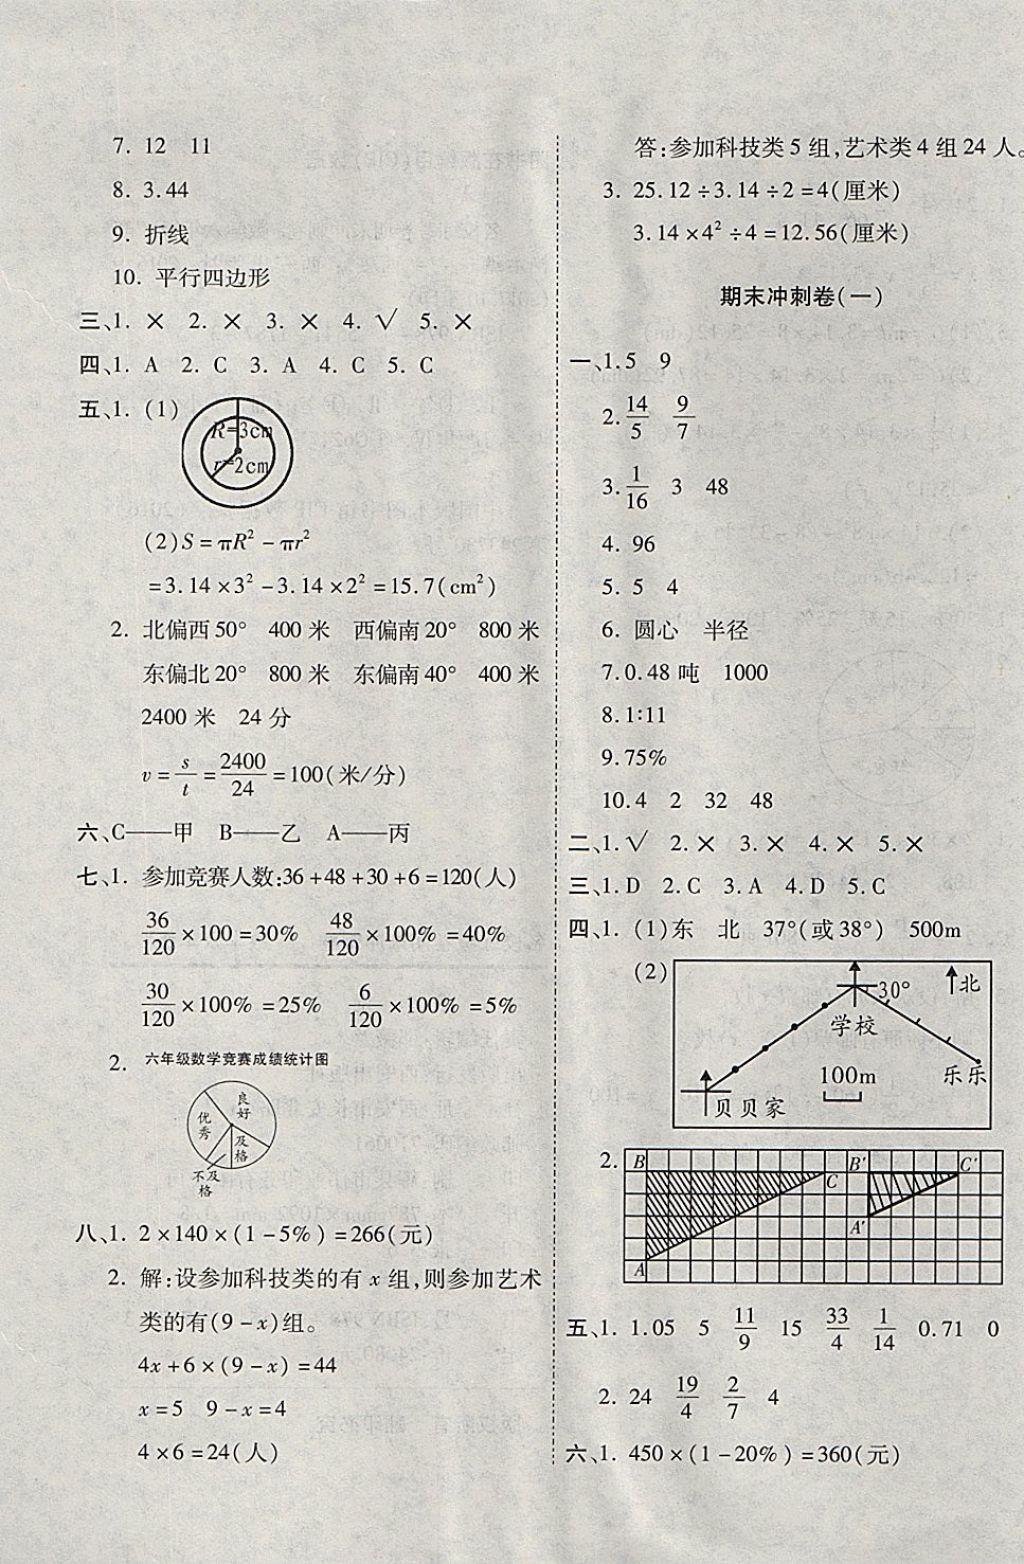 2017年名校练考卷期末冲刺卷六年级数学上册人教版答案